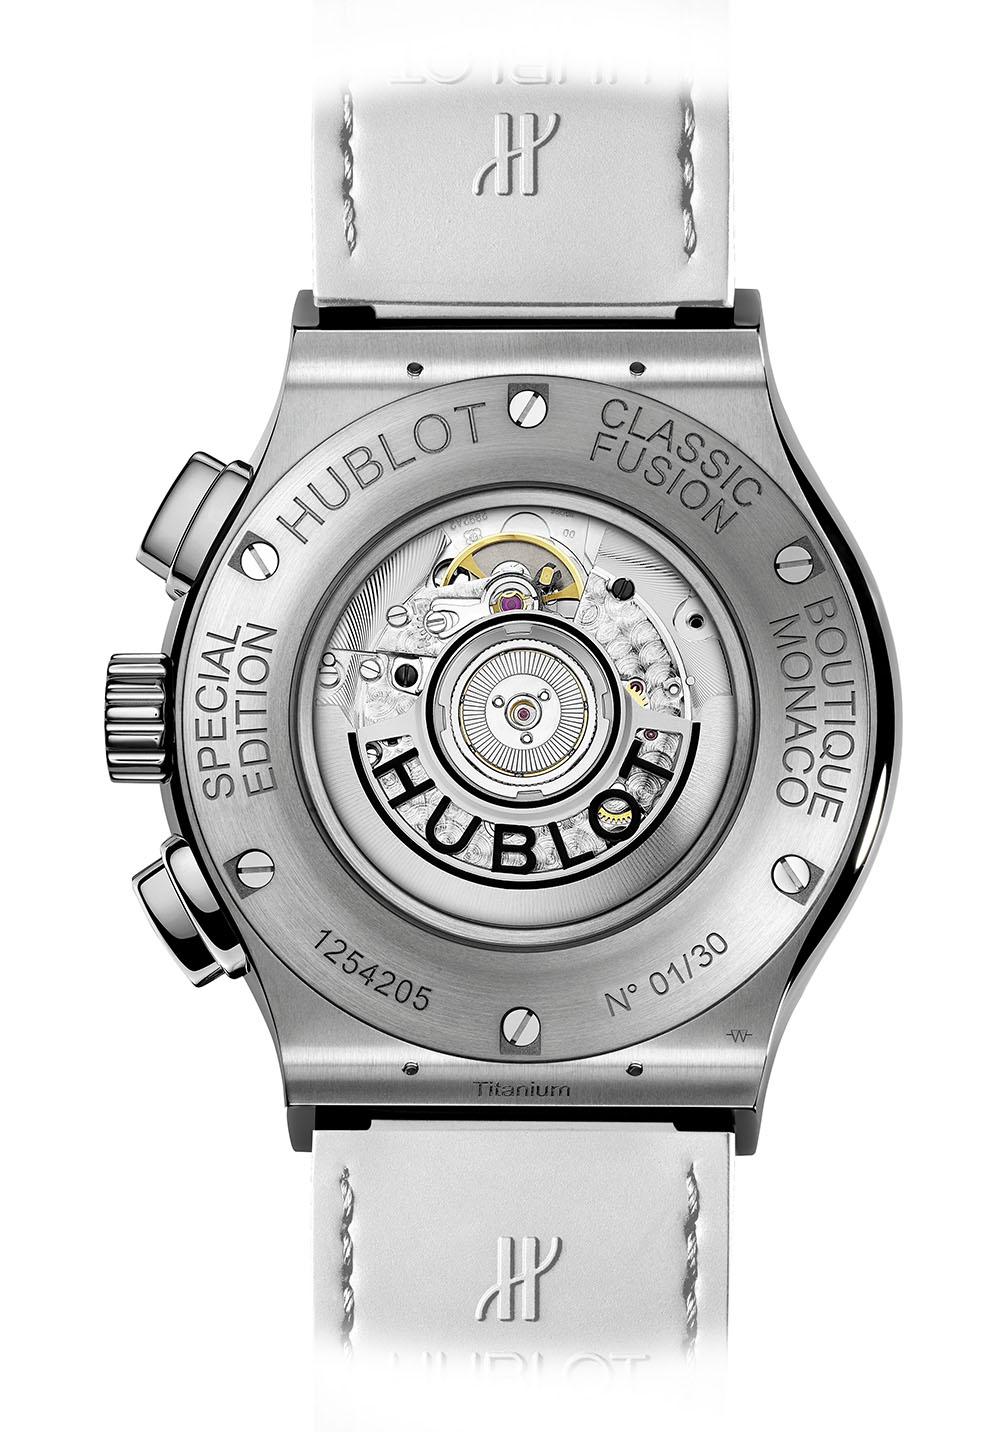 Hublot Classic Fusion Aerofusion Chronograph Special Edition Boutique Monaco